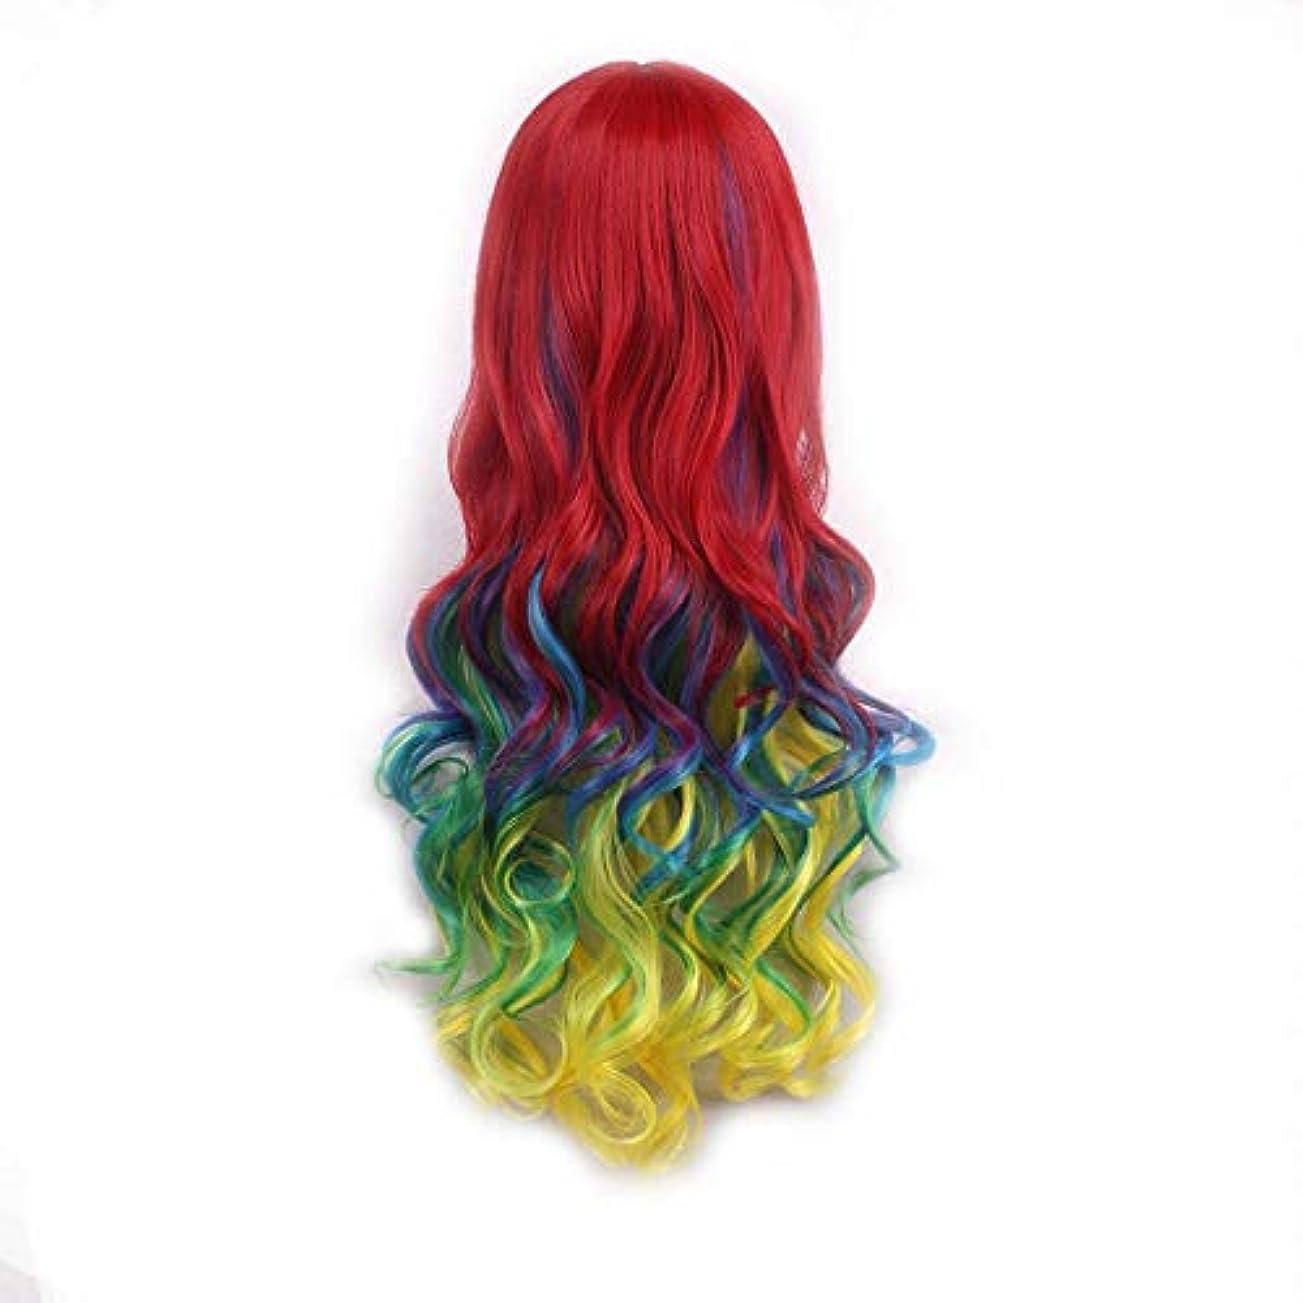 バリケード最大限解決するウィッグキャップウィッグロングファンシードレスストレート&カールウィッグレディース高品質な合成色の髪のコスプレ高密度ウィッグ女性と女の子 (Color : Curls)